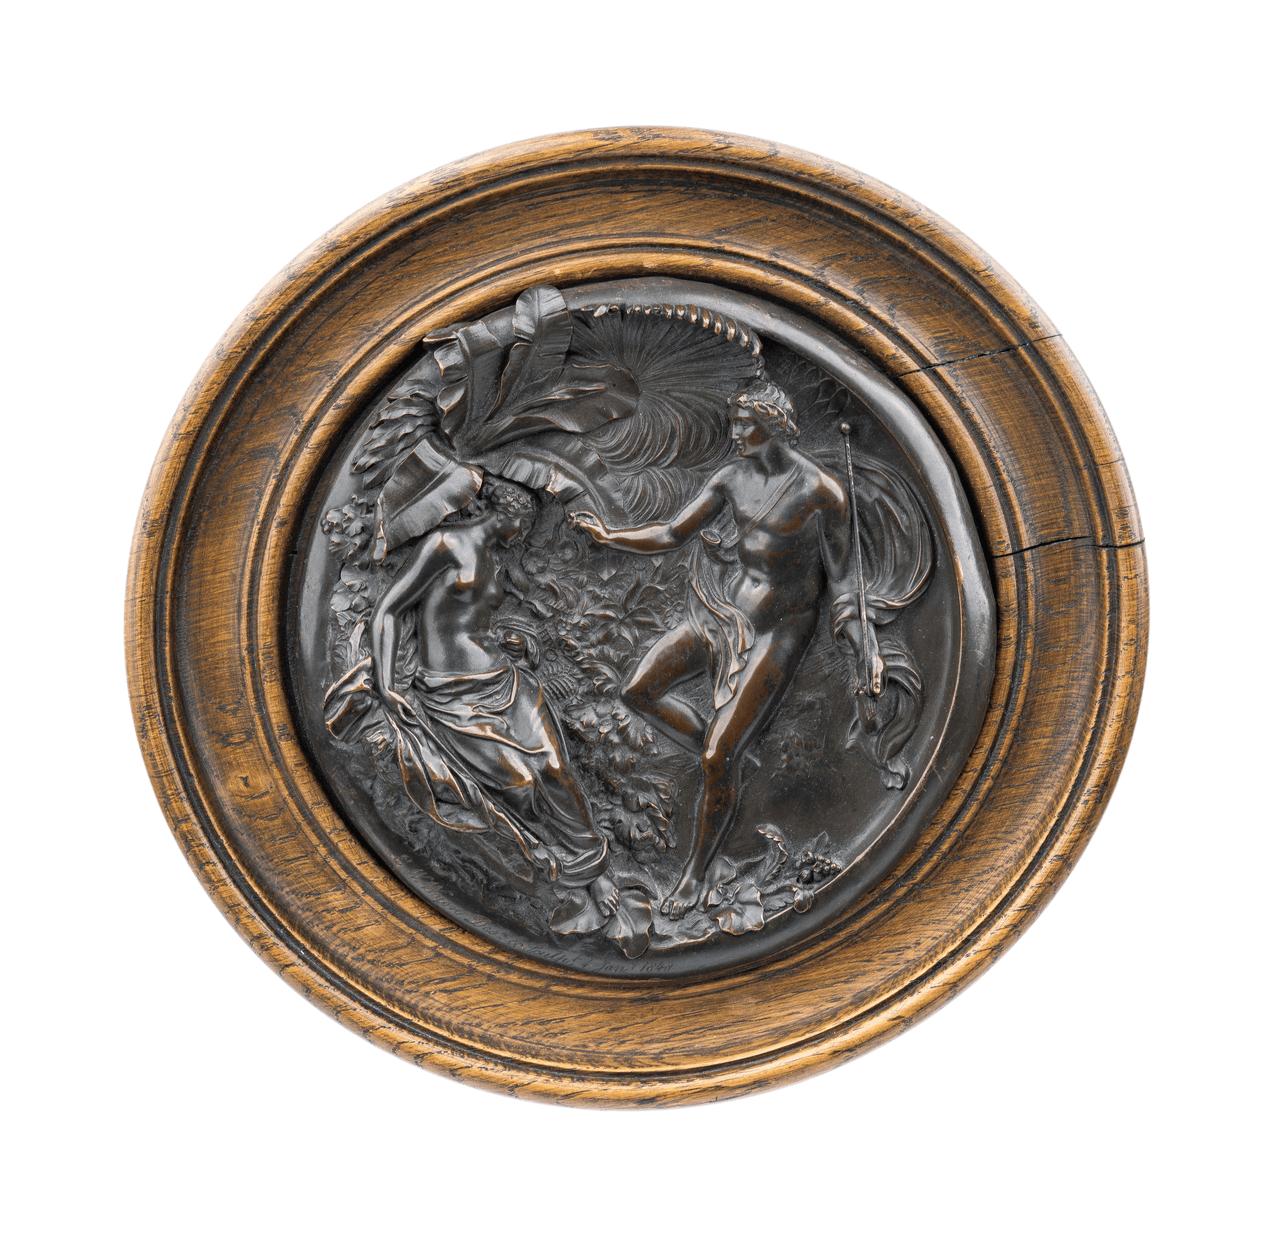 A Mounted Antique E.W. Wyon Bronze Plaque Adam & Eve 1848